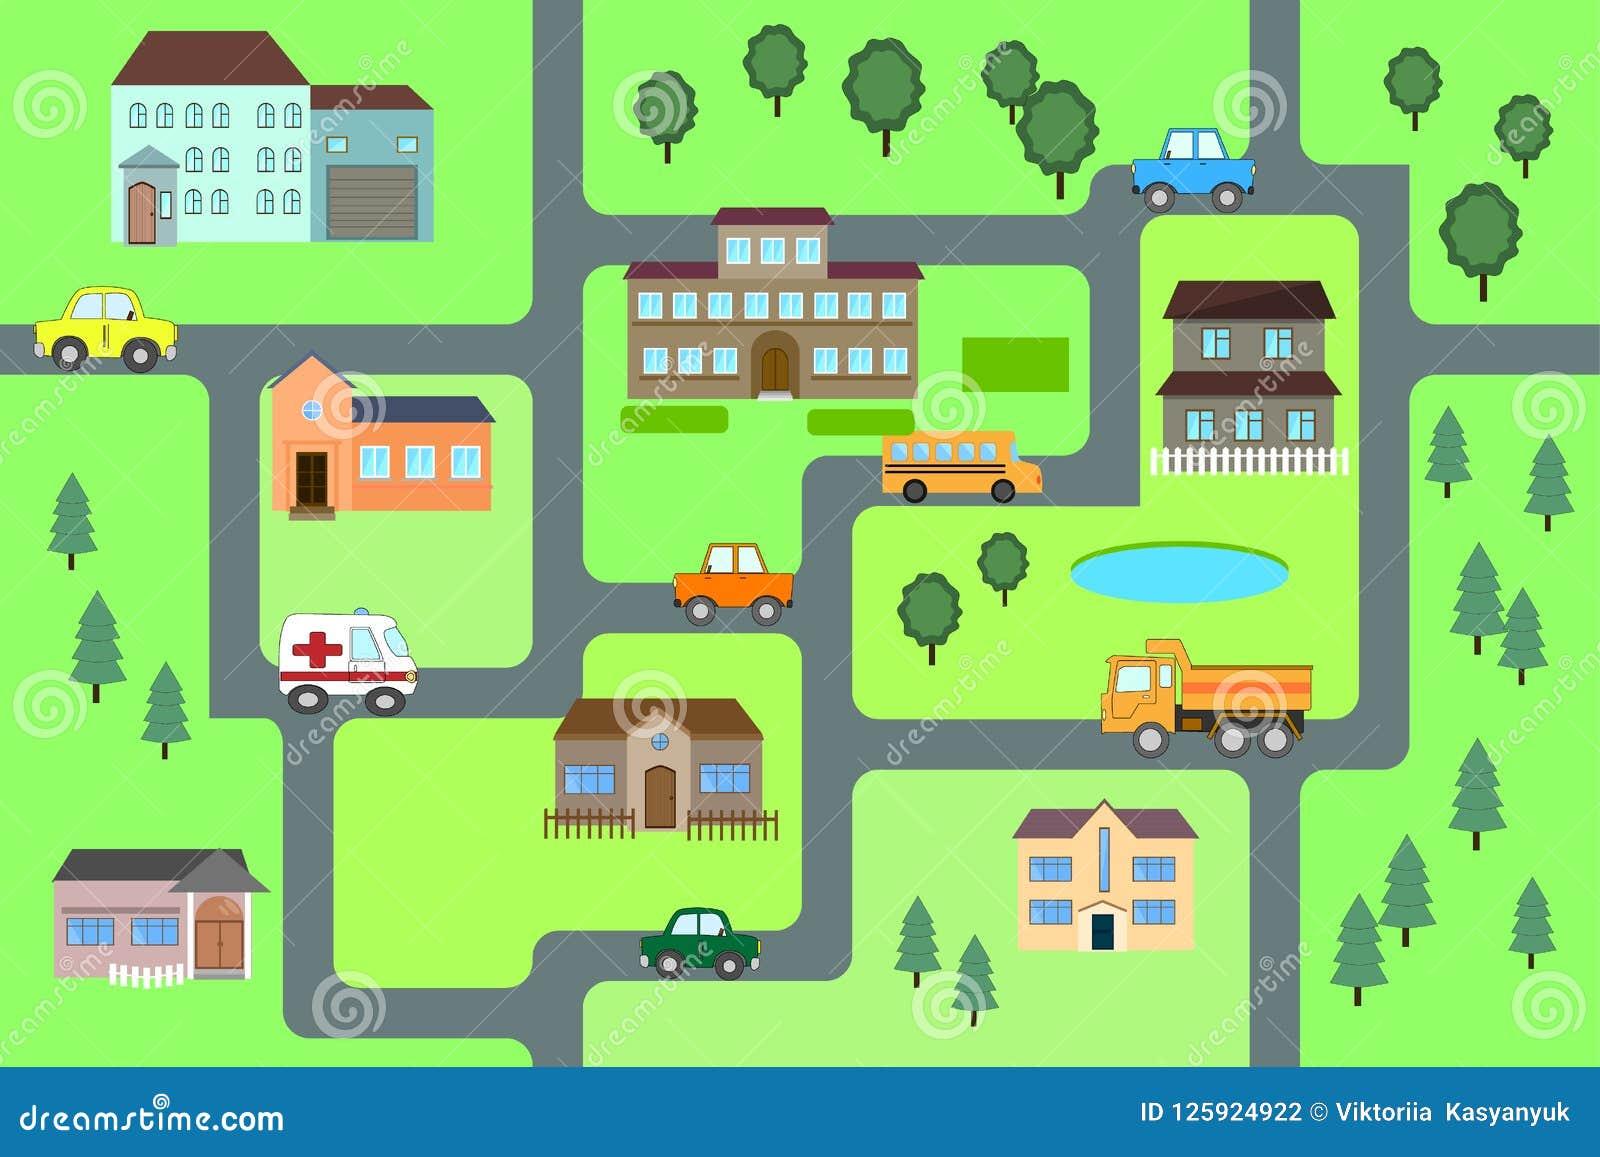 Cartoon Map Seamless Pattern Stock Vector Illustration